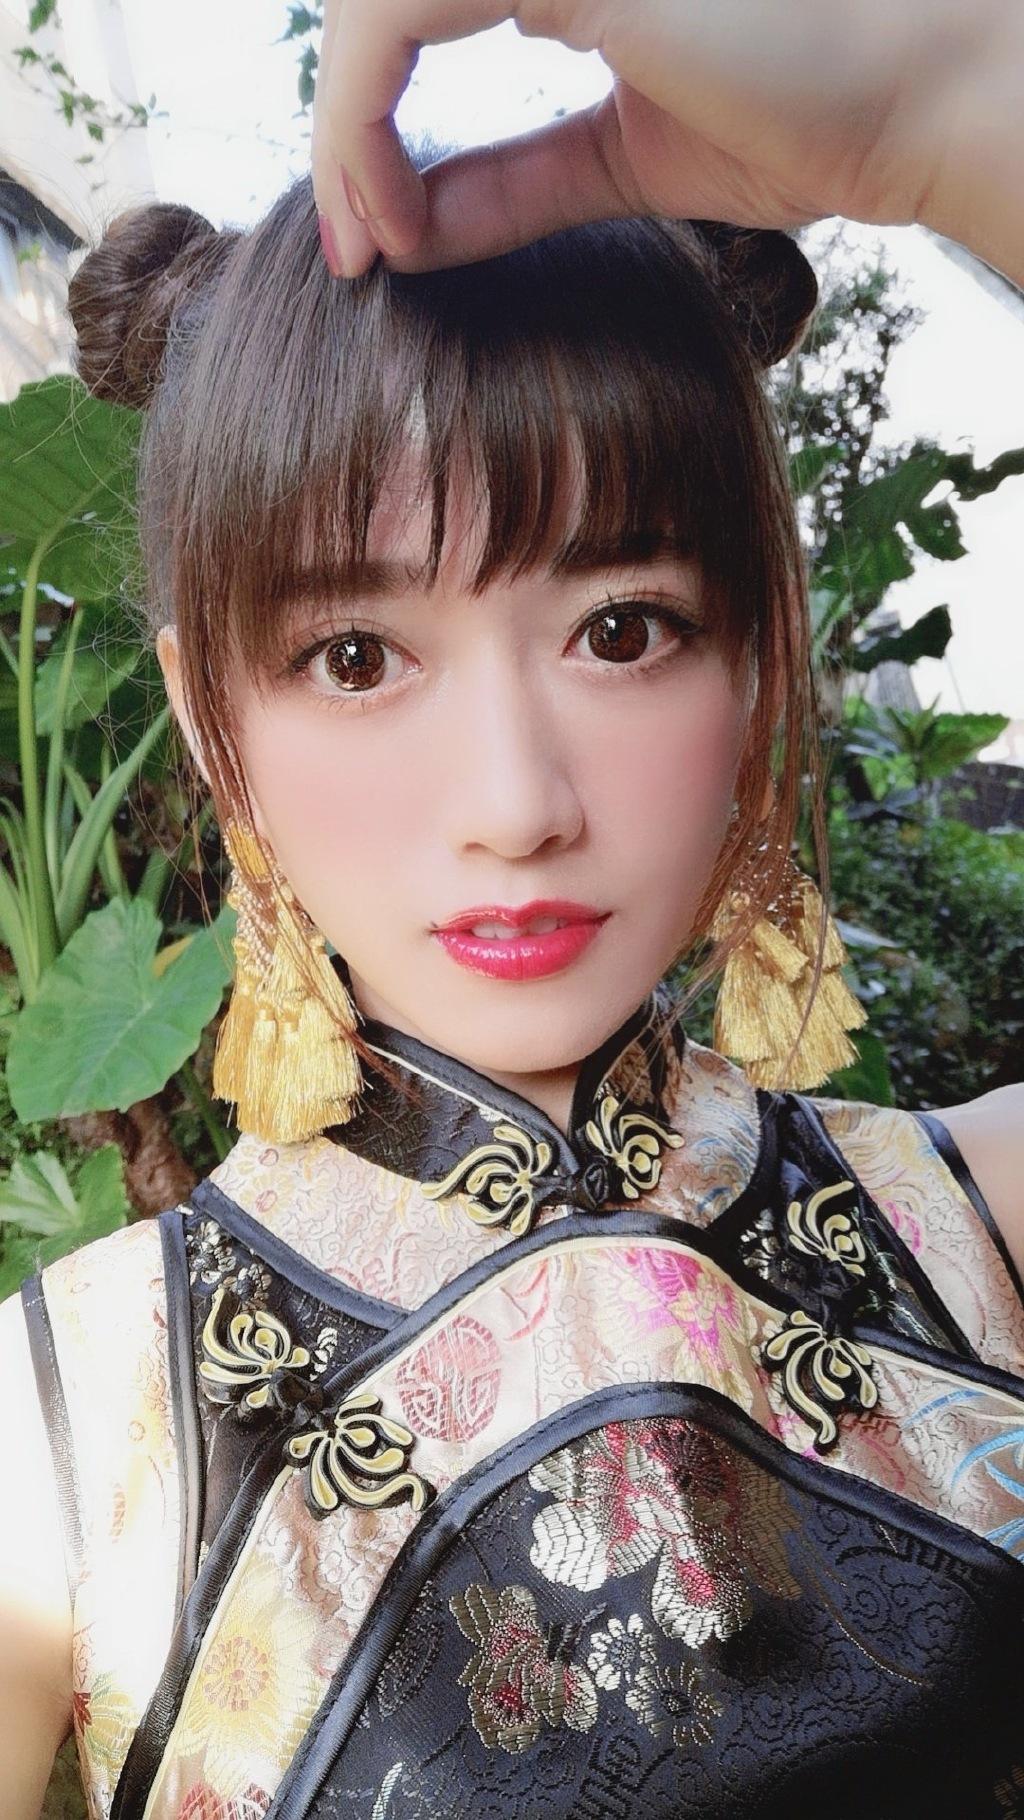 希岛爱理出道5周年纪念写真台湾拍摄花絮 https://www.hiquer.com/